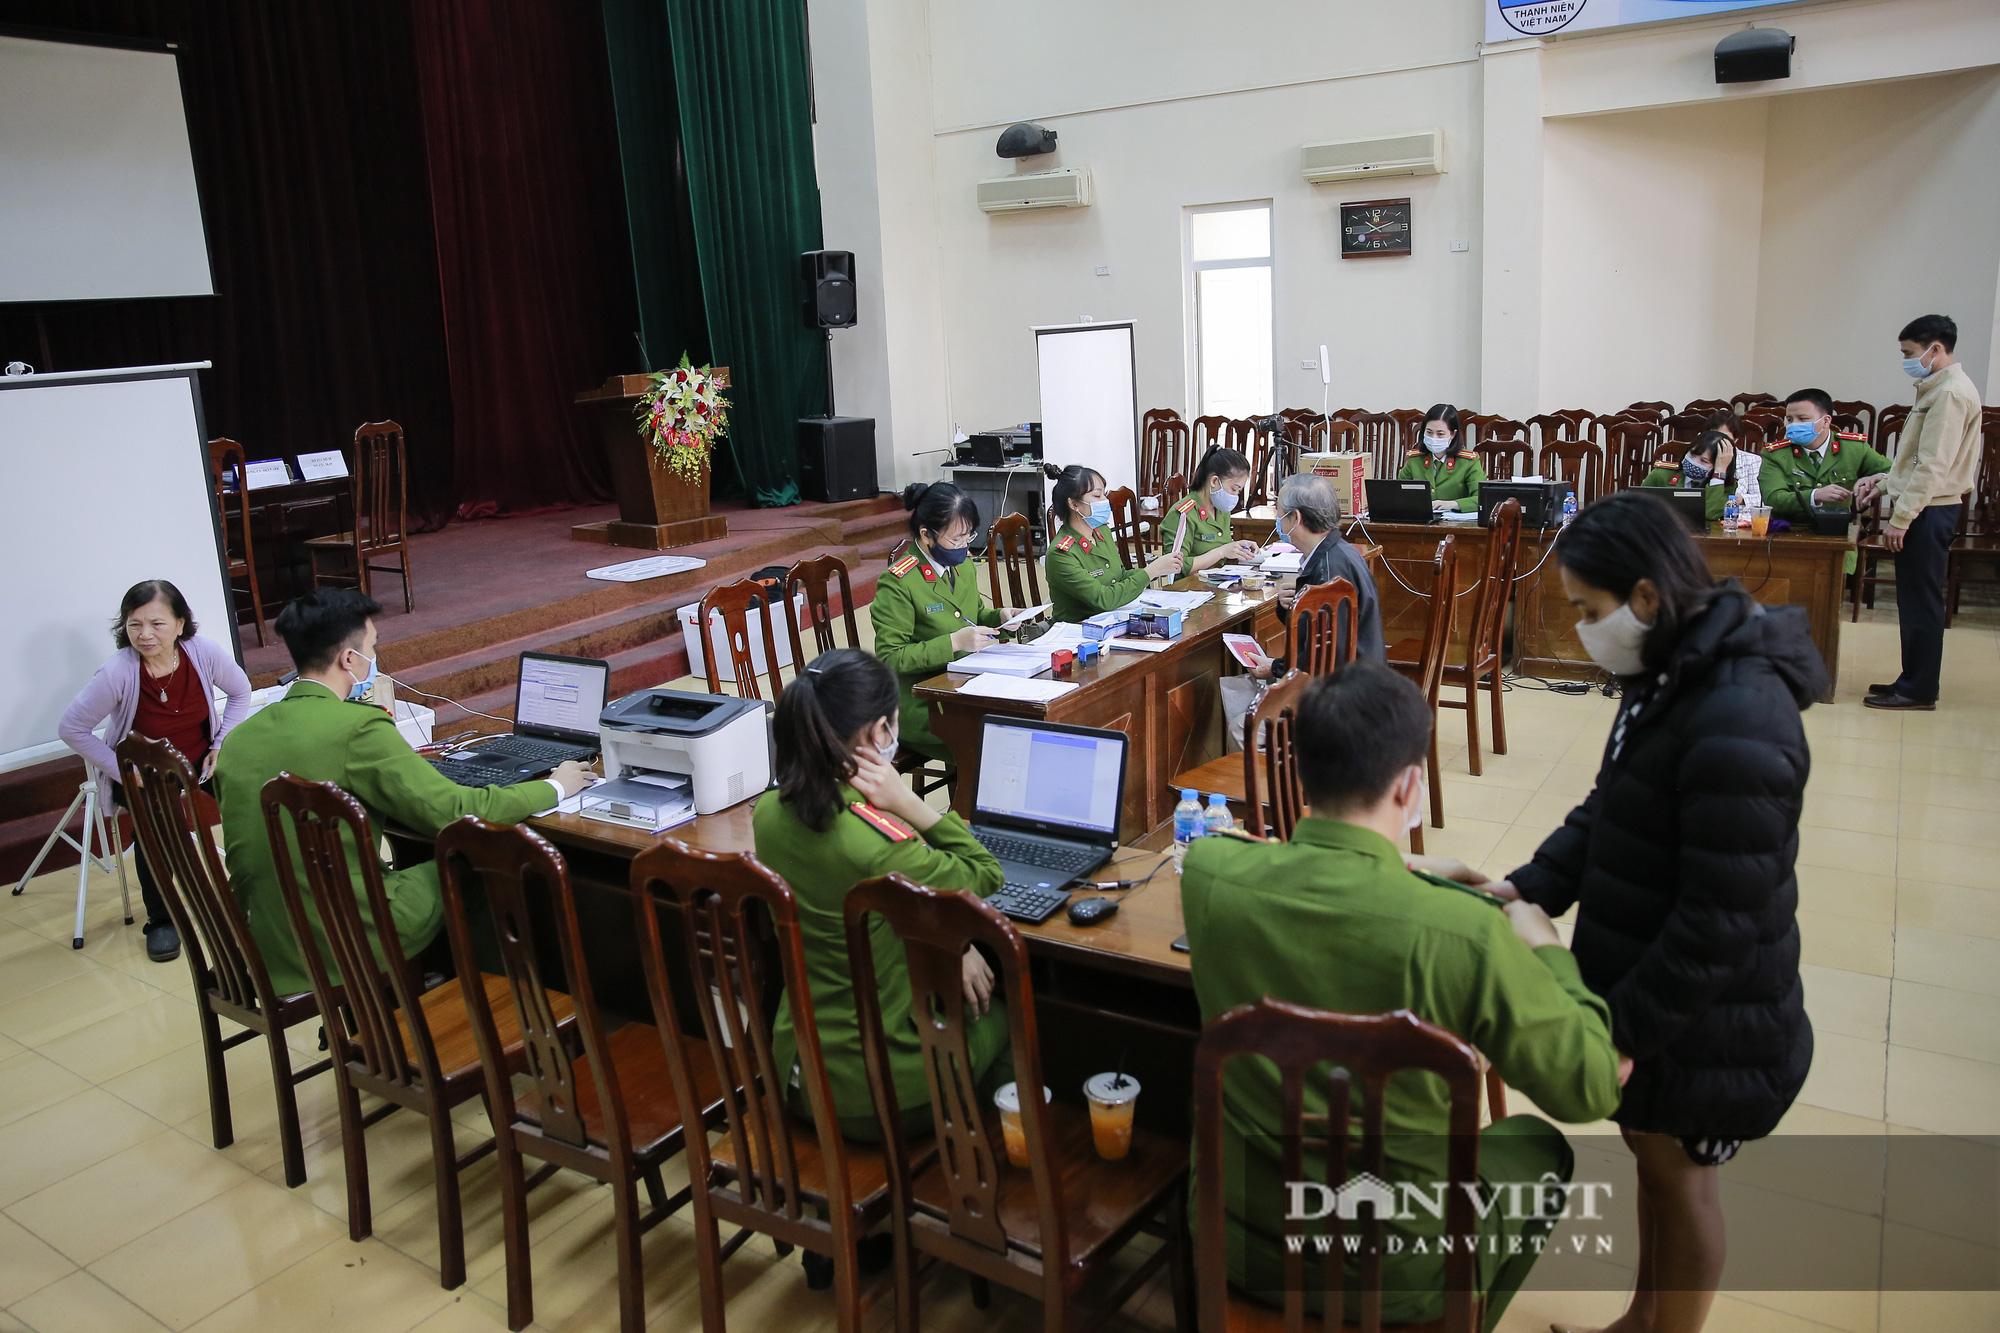 Mục sở thị quá trình cấp thẻ căn cước công dân gắn chíp lưu động tại Hà Nội - Ảnh 13.